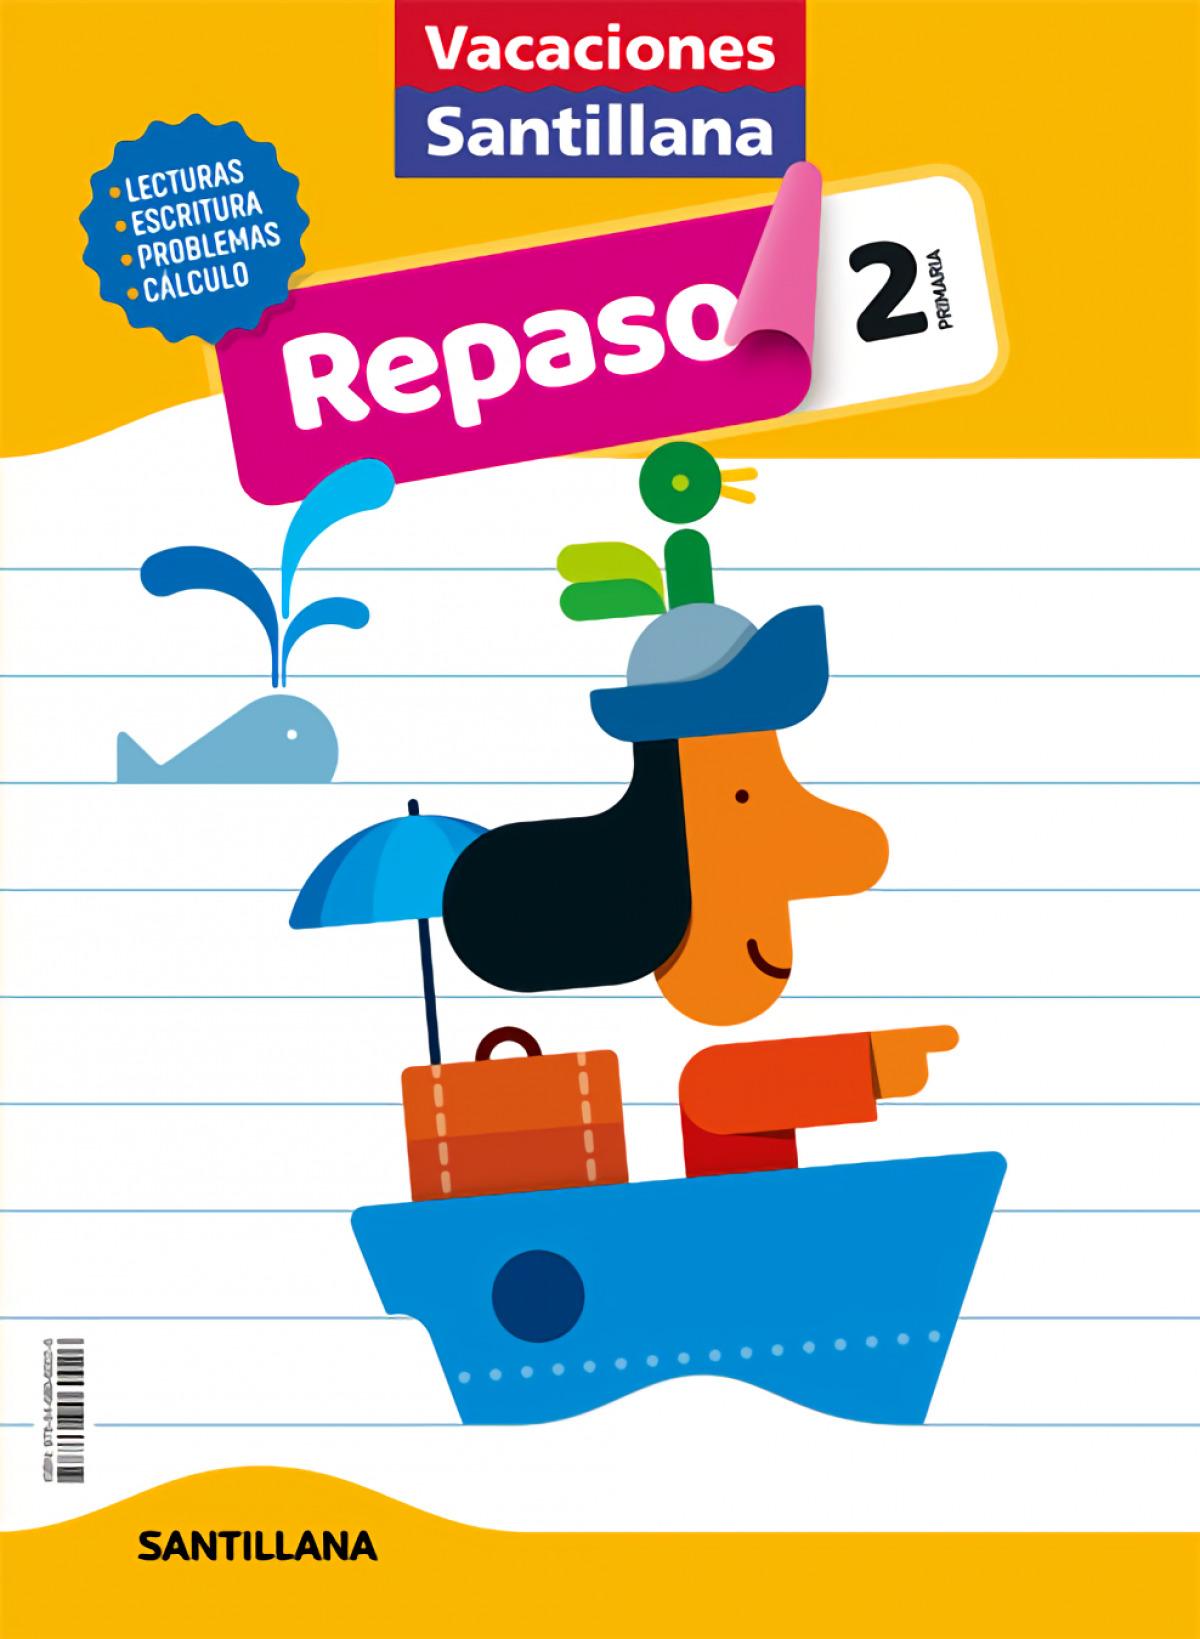 VACACIONES REPASO 2o.EP 2020 9788468060026